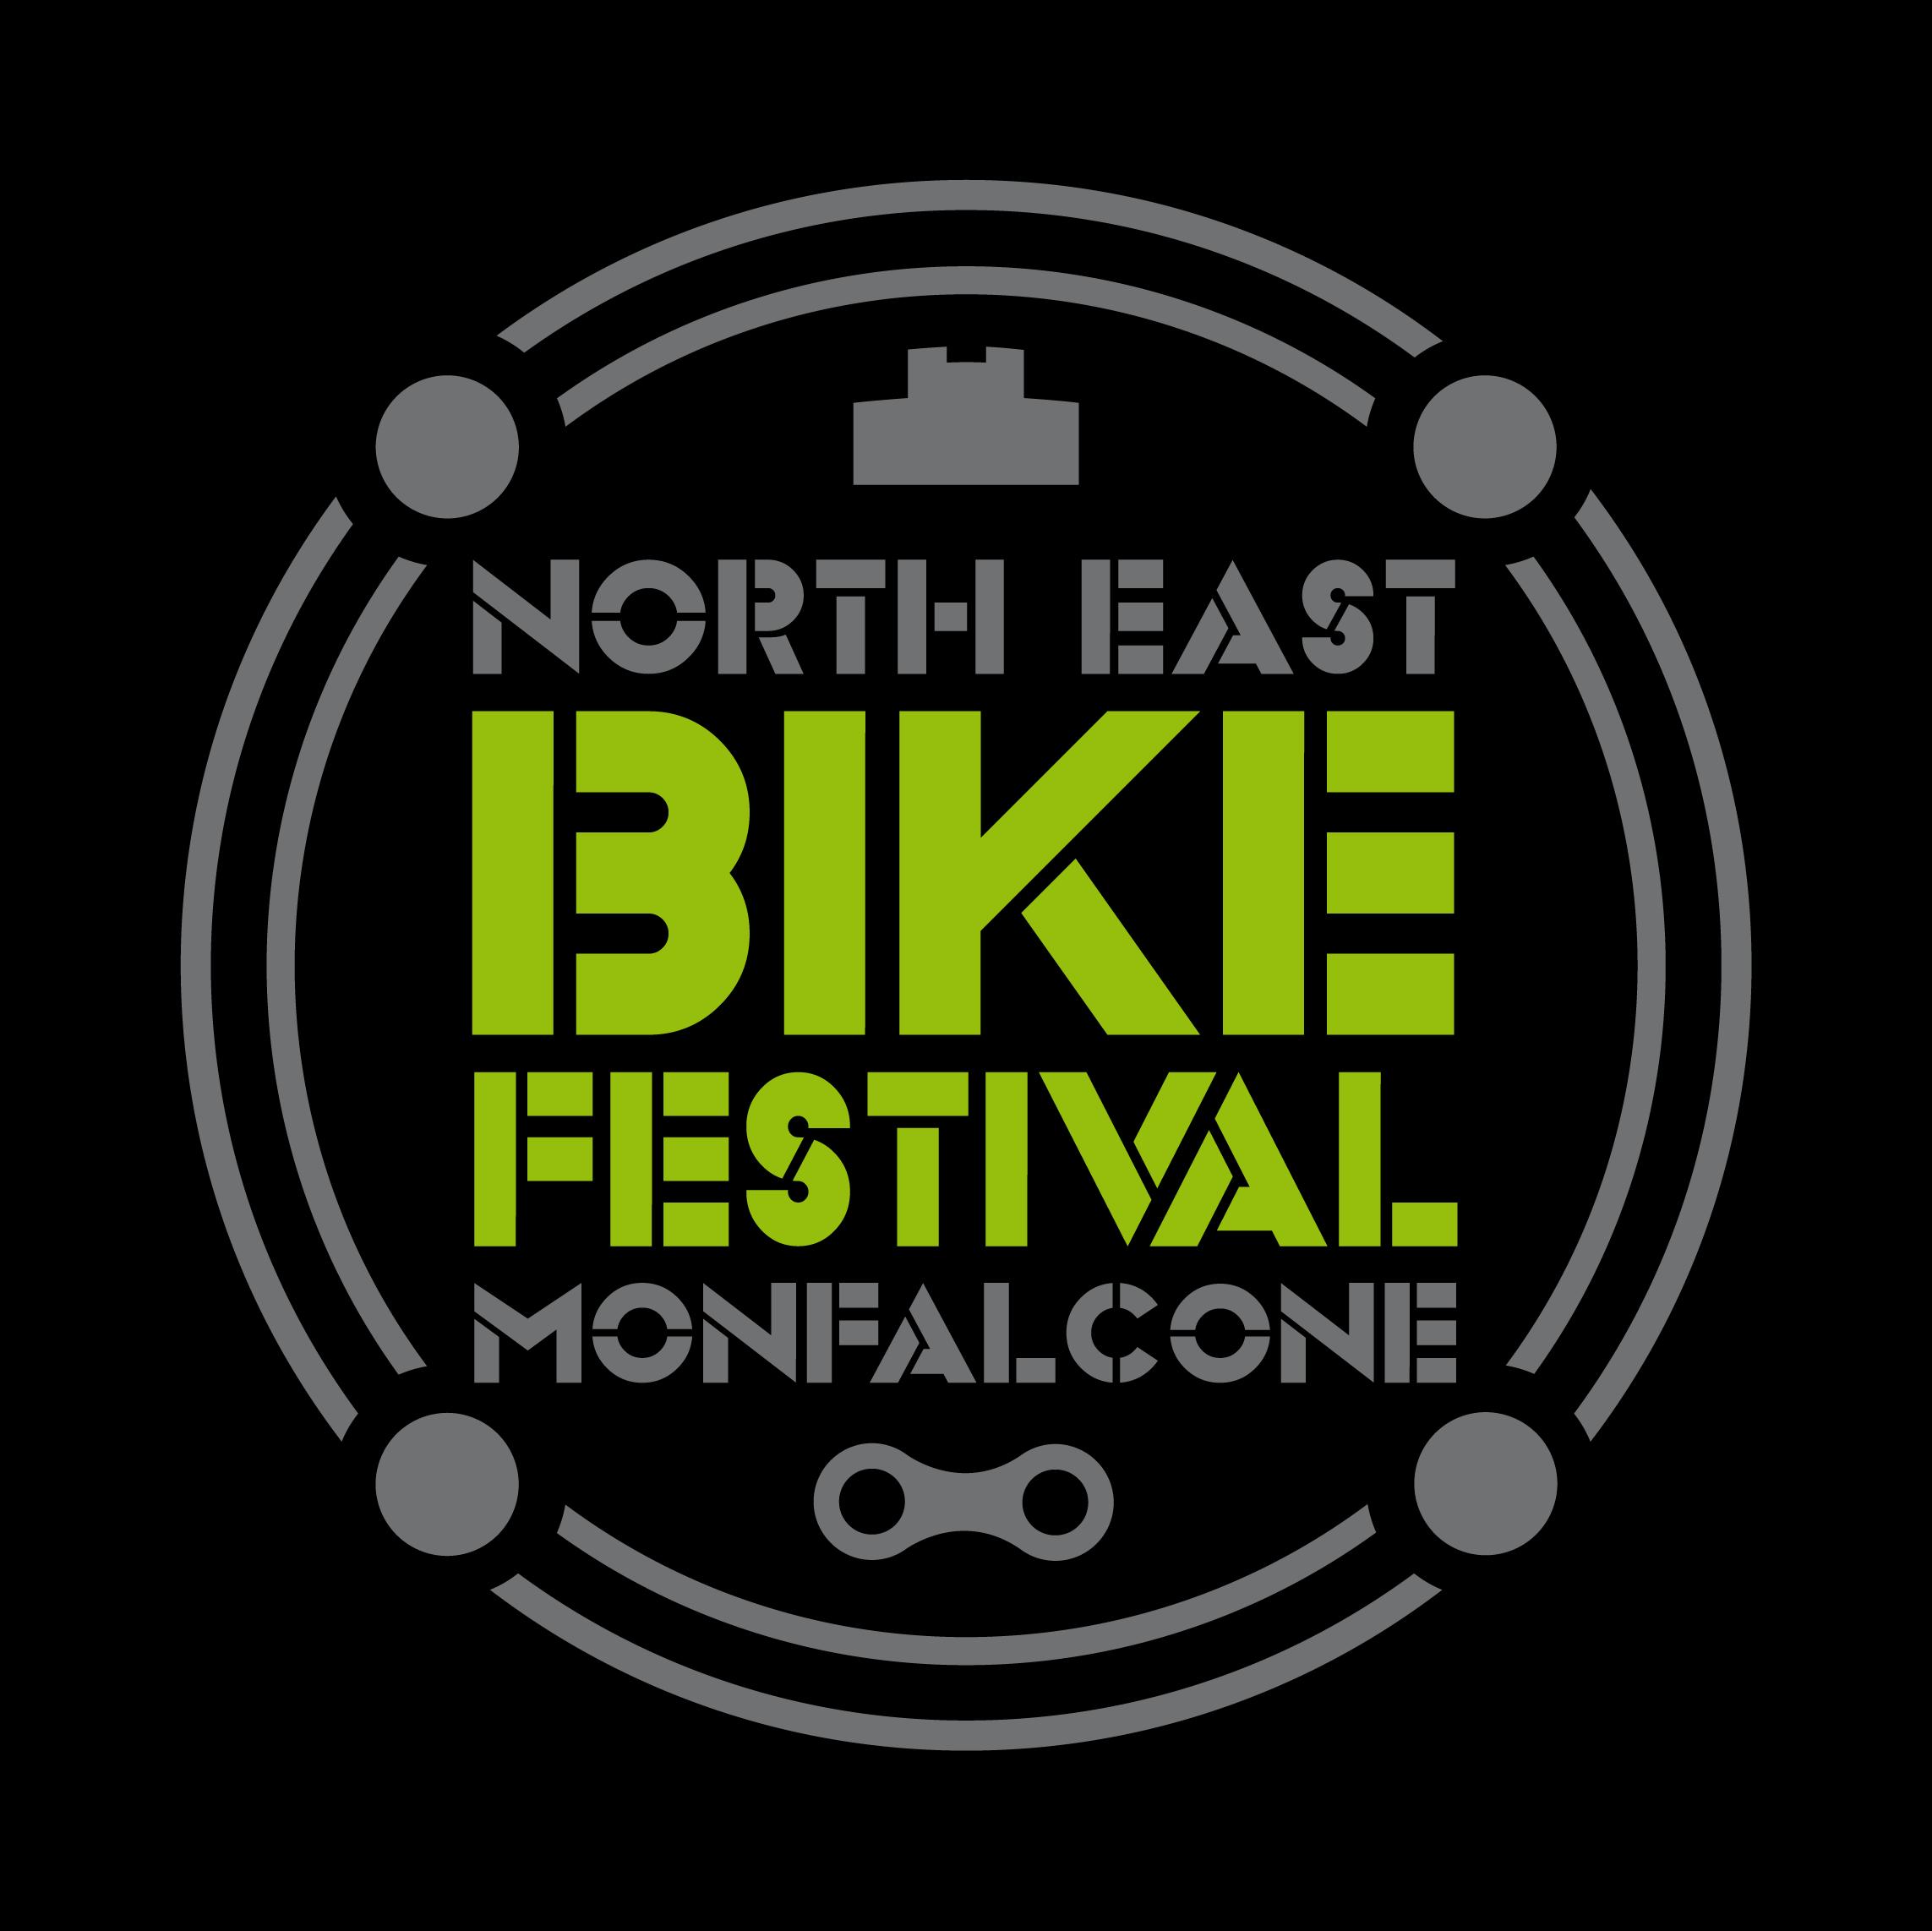 Logo Evento North East Bike Festival